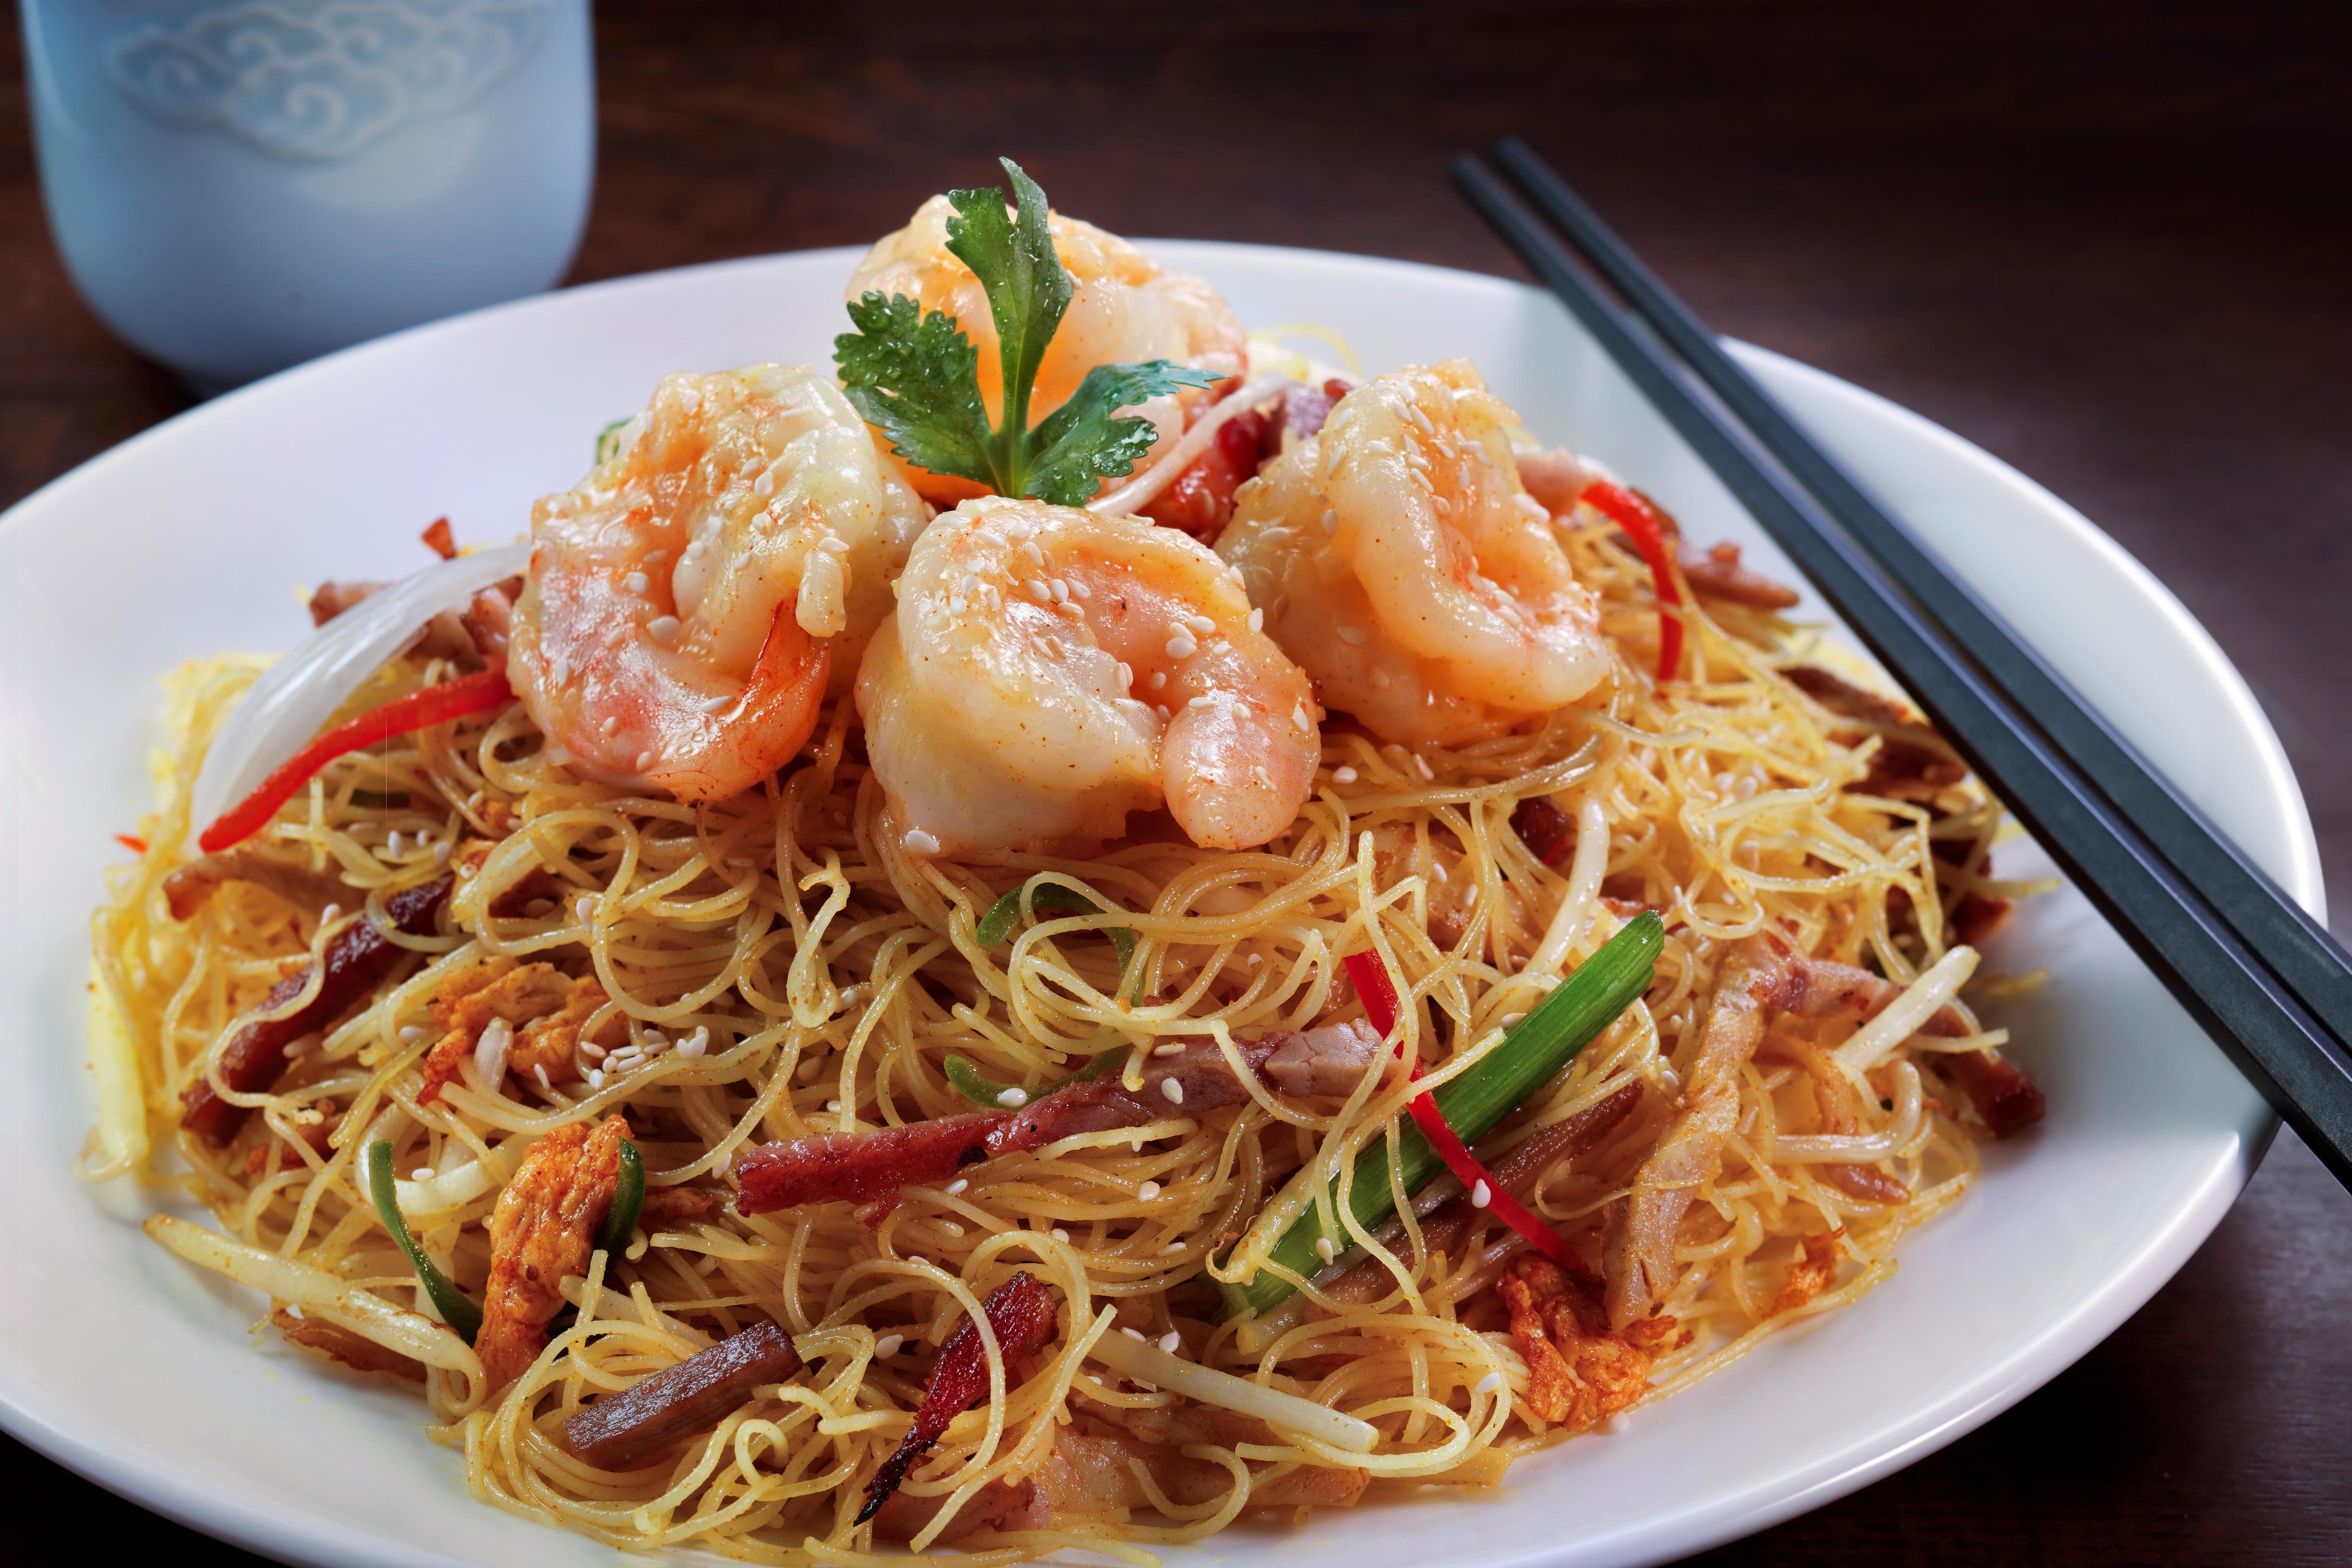 Shrimp Noodles at China Tang